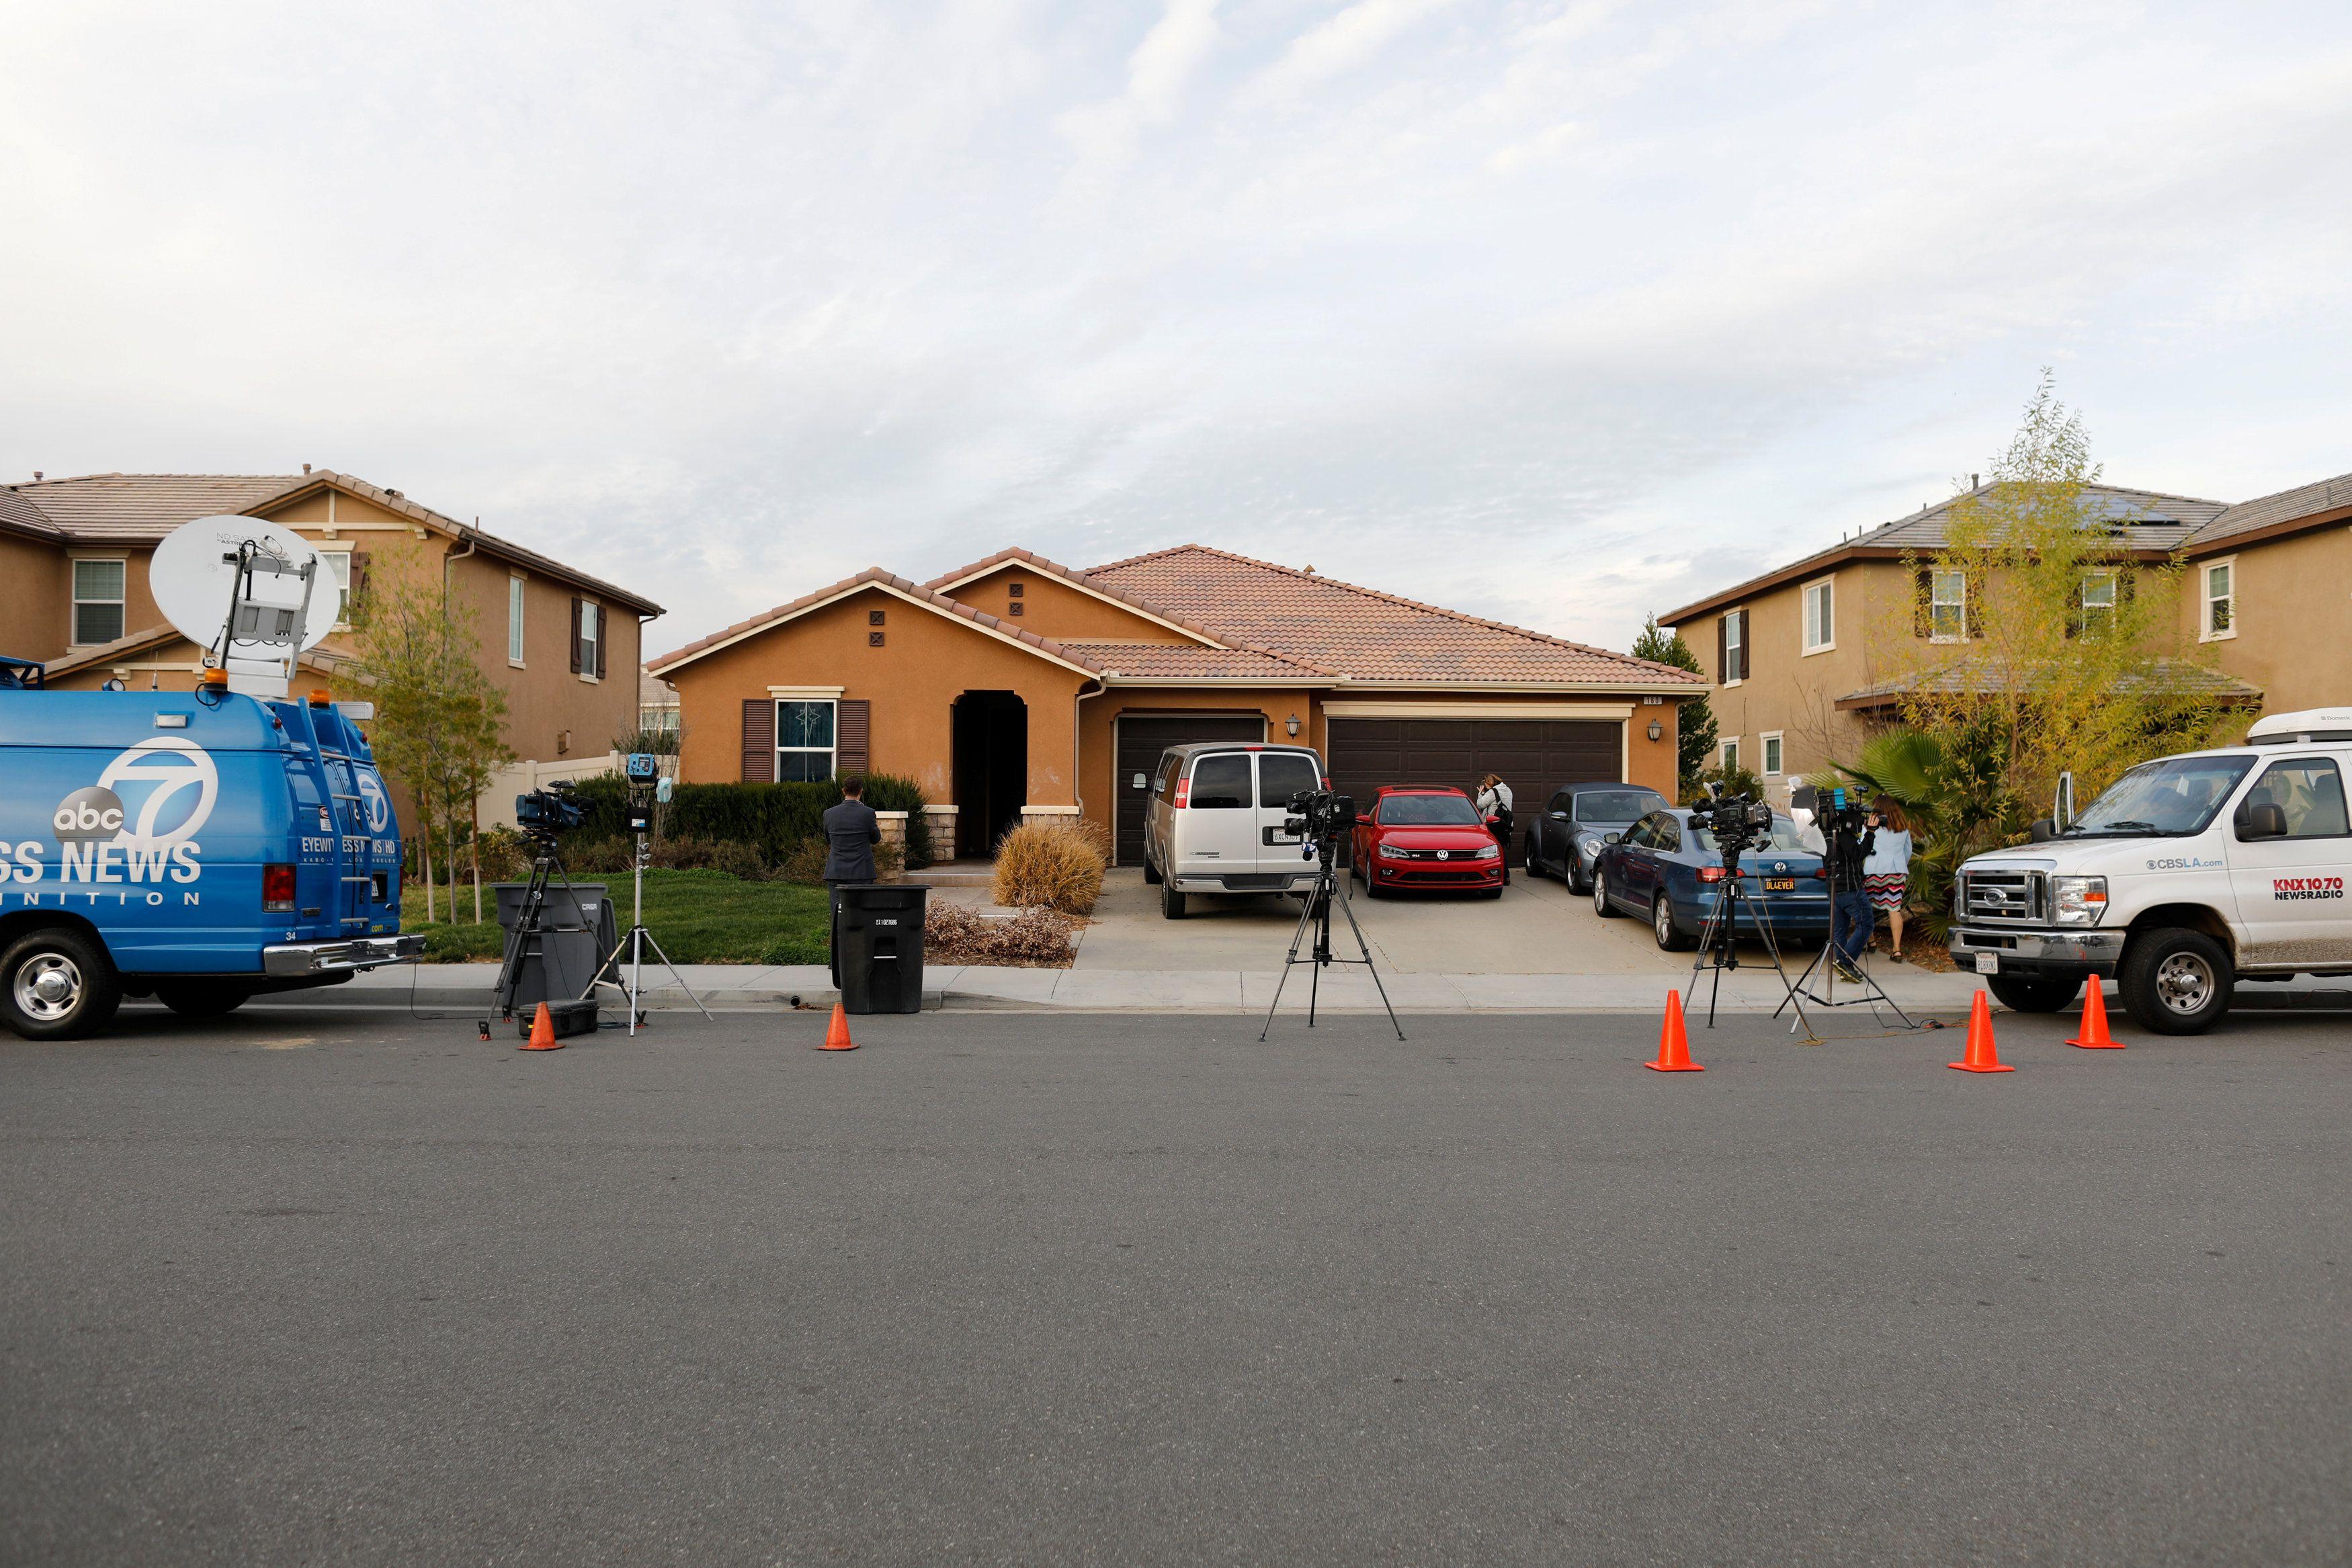 В американском городе в одном из домов дети находились в заточении